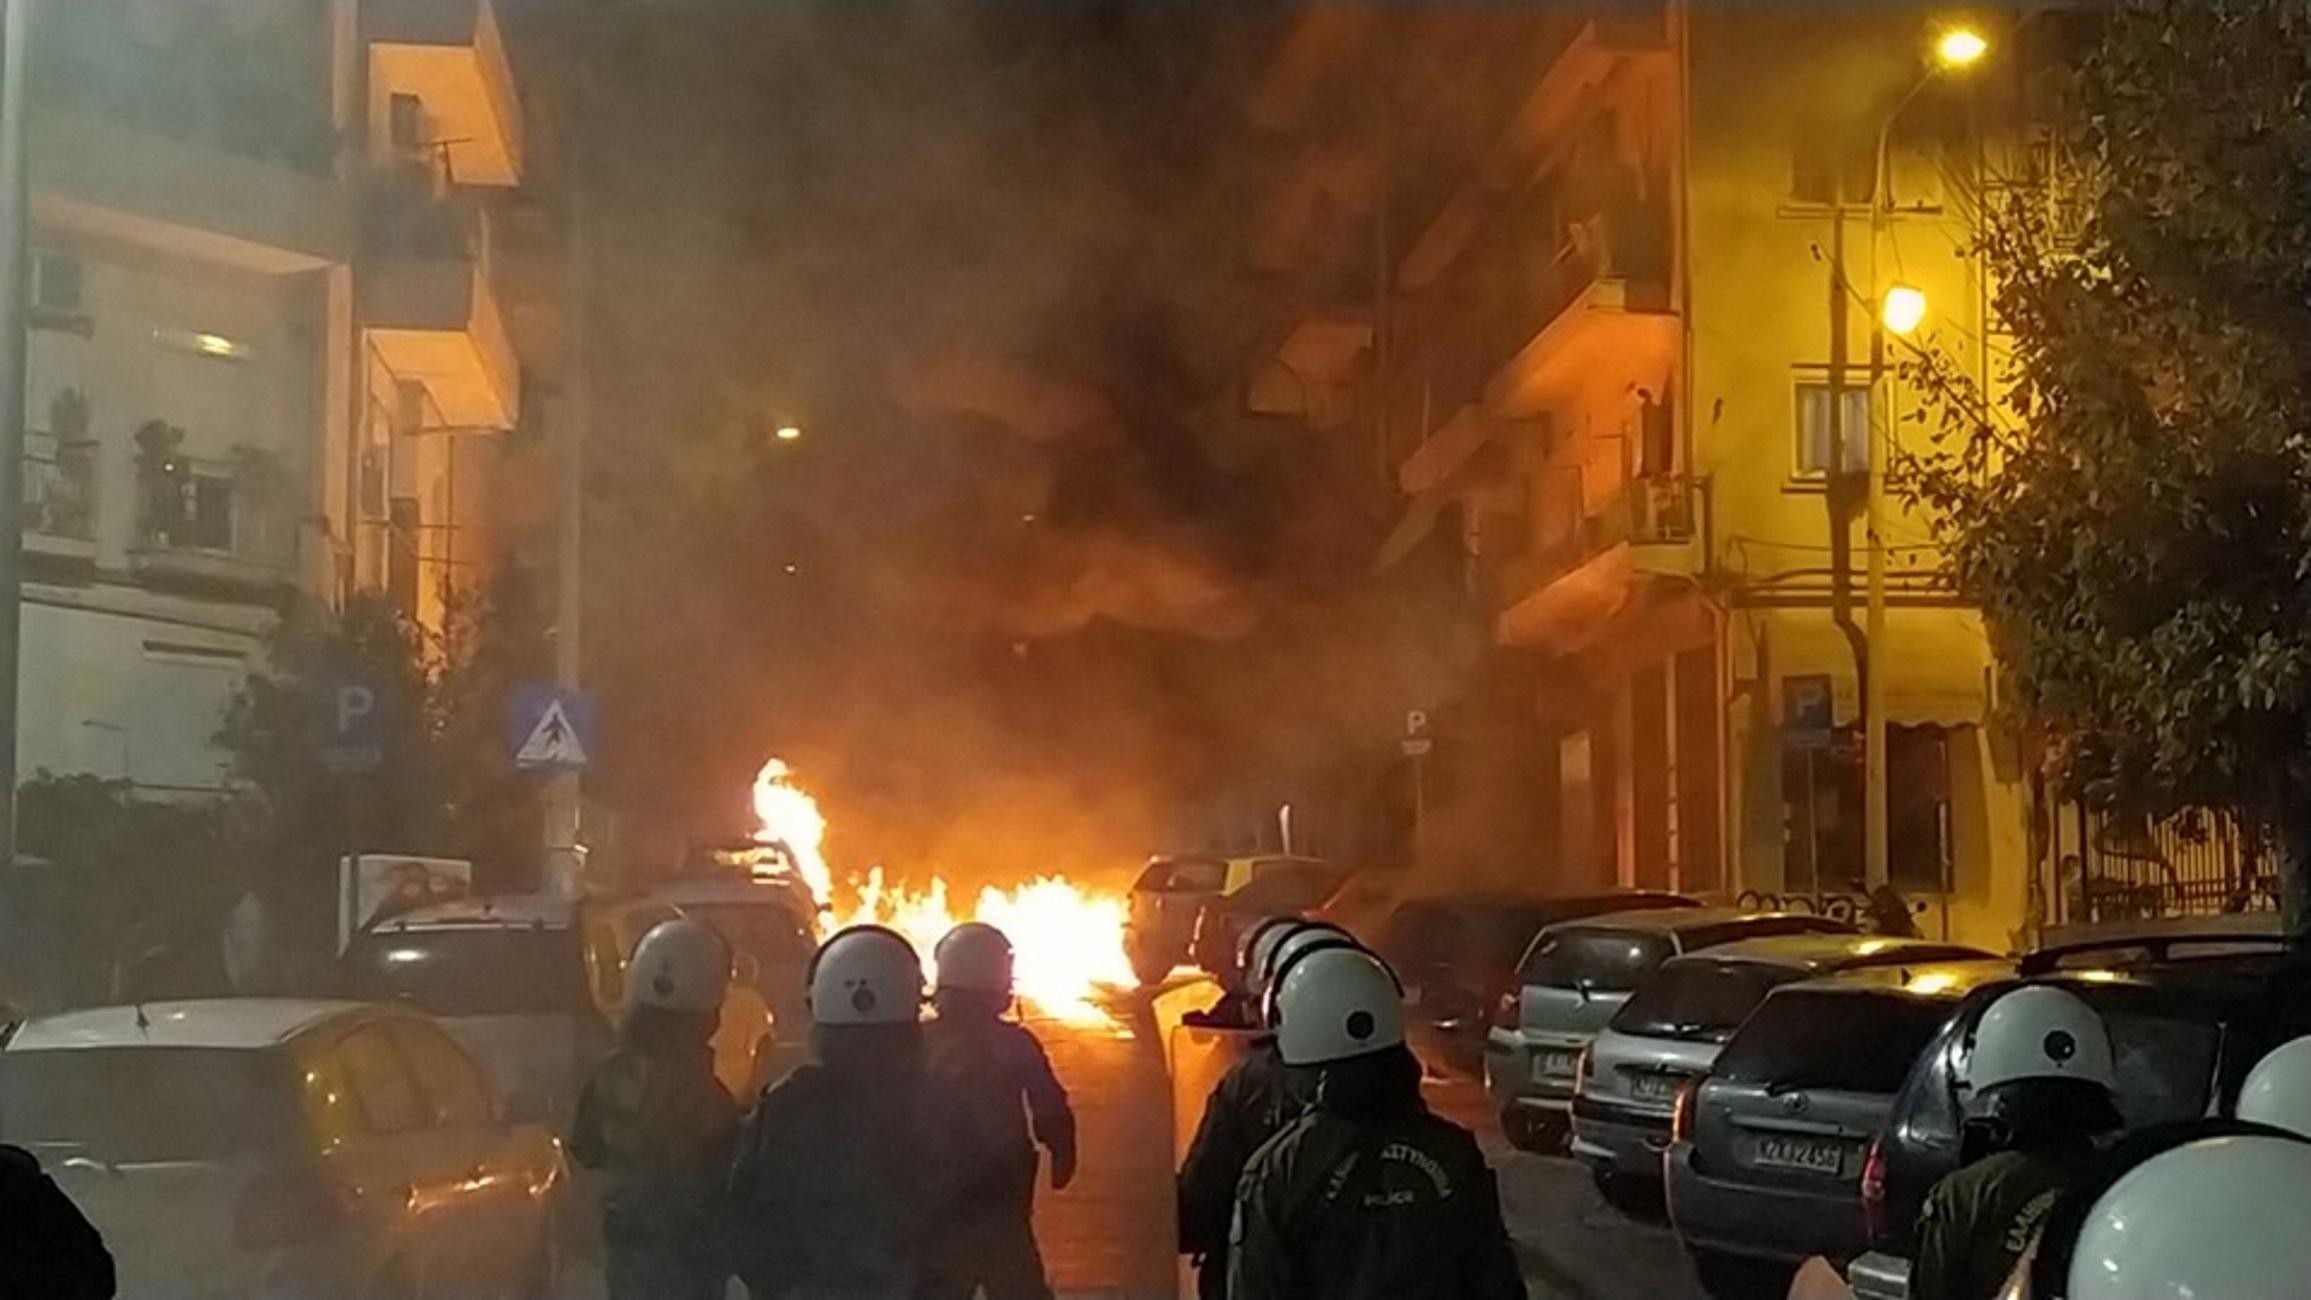 Θεσσαλονίκη: Επεισόδια μετά το τέλος της πορείας – Κάηκαν αυτοκίνητα από μολότοφ – video